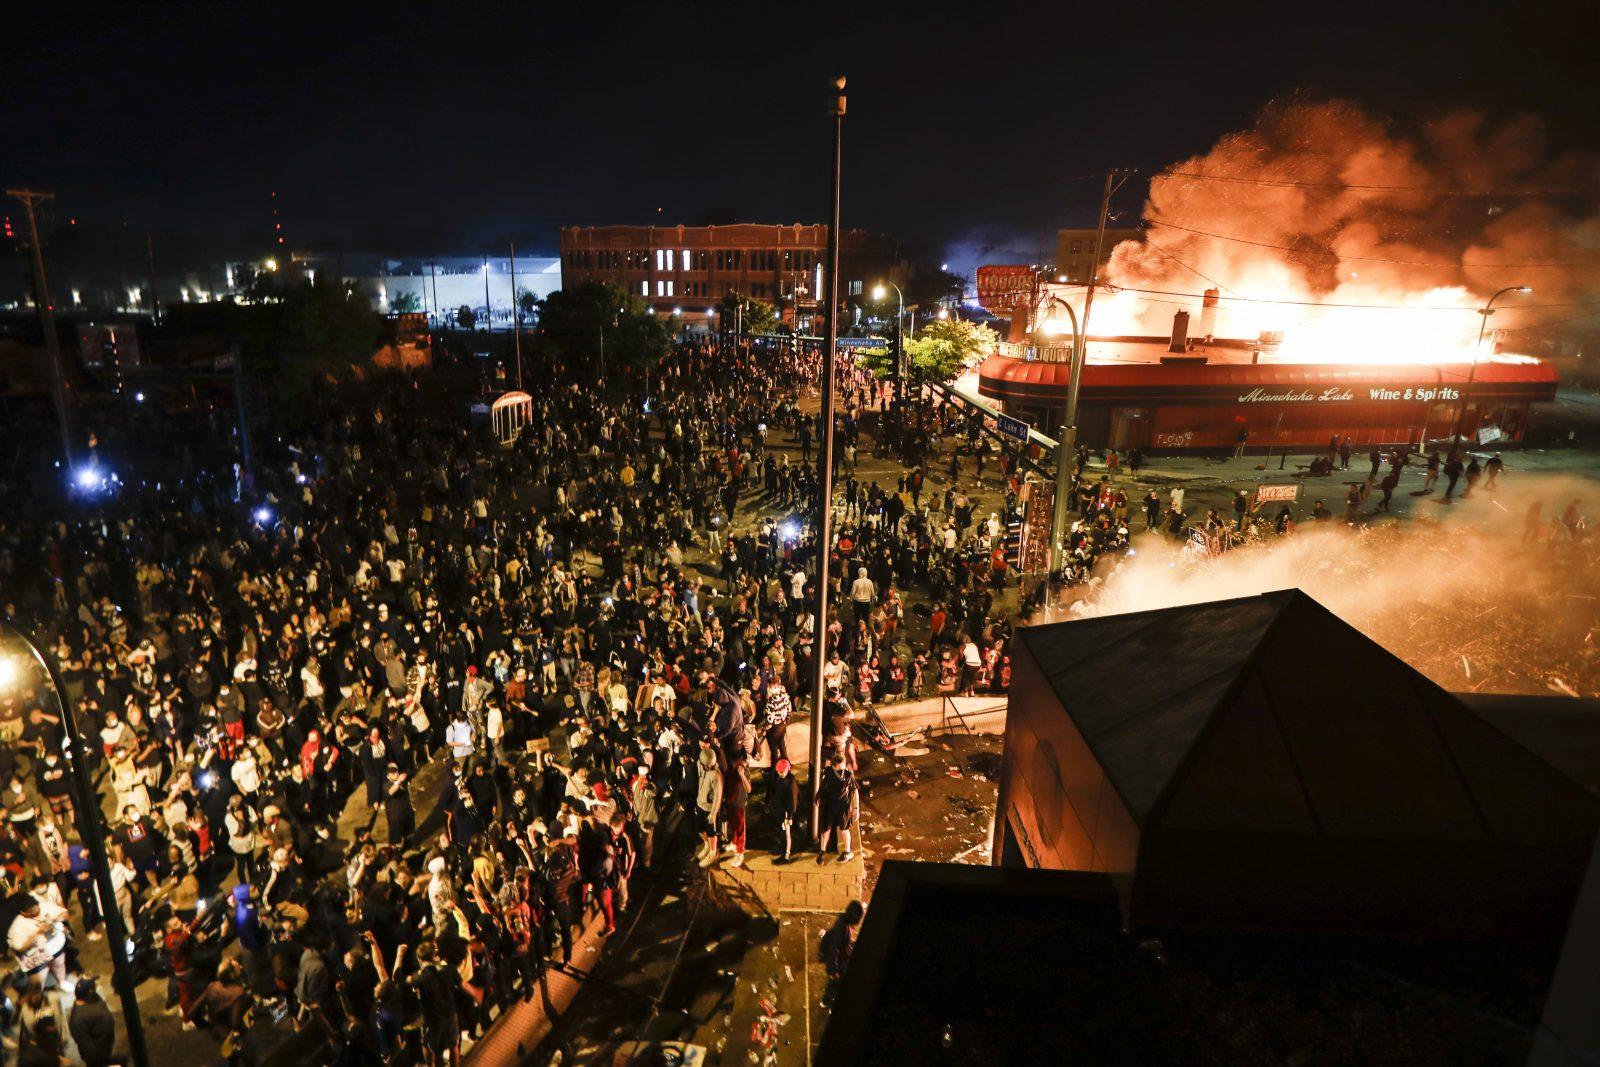 Eine Polizeiwache (rechts unten) und ein Schnapsladen gehen in Minneapolis während der Unruhen in Flammen auf Foto: picture alliance / AP Photo